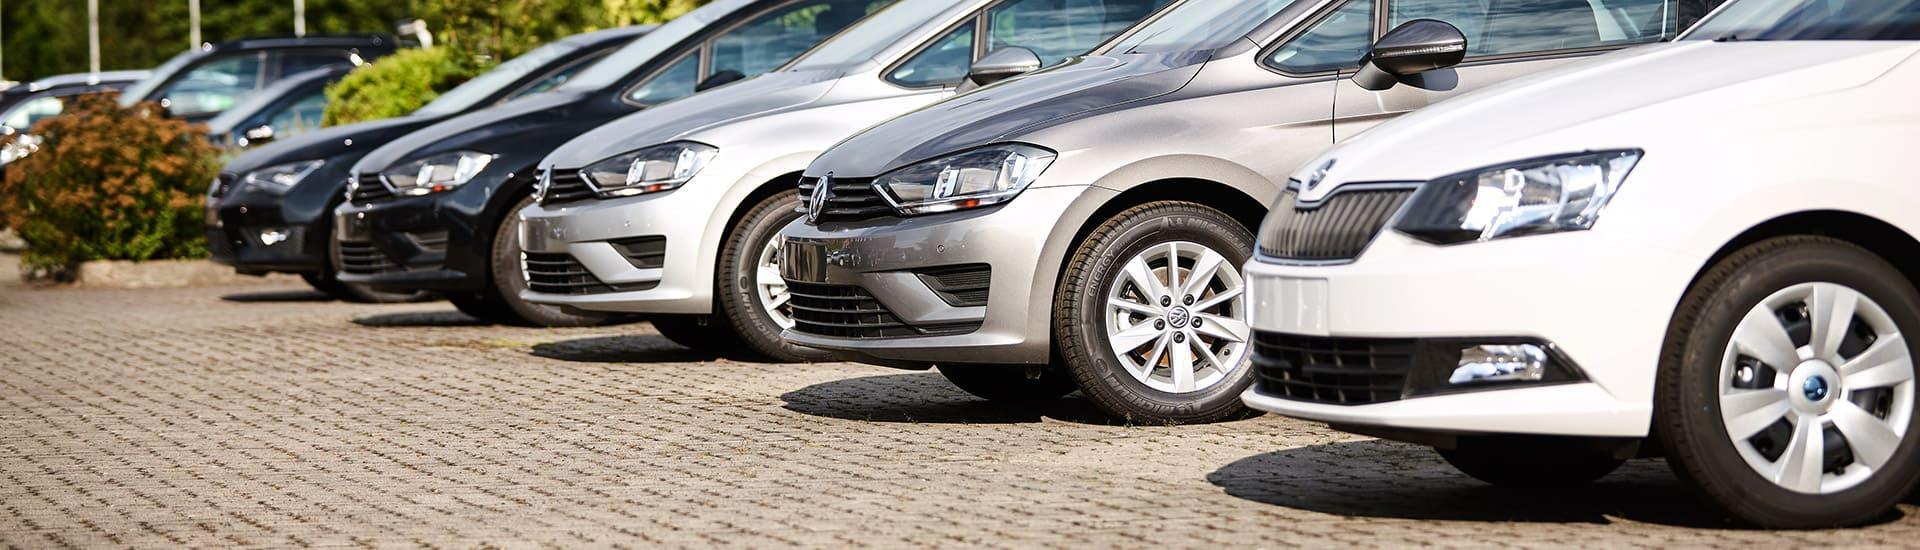 Autohaus Möller: EU-Fahrzeuge - EU-Autohändler Lüdersfeld